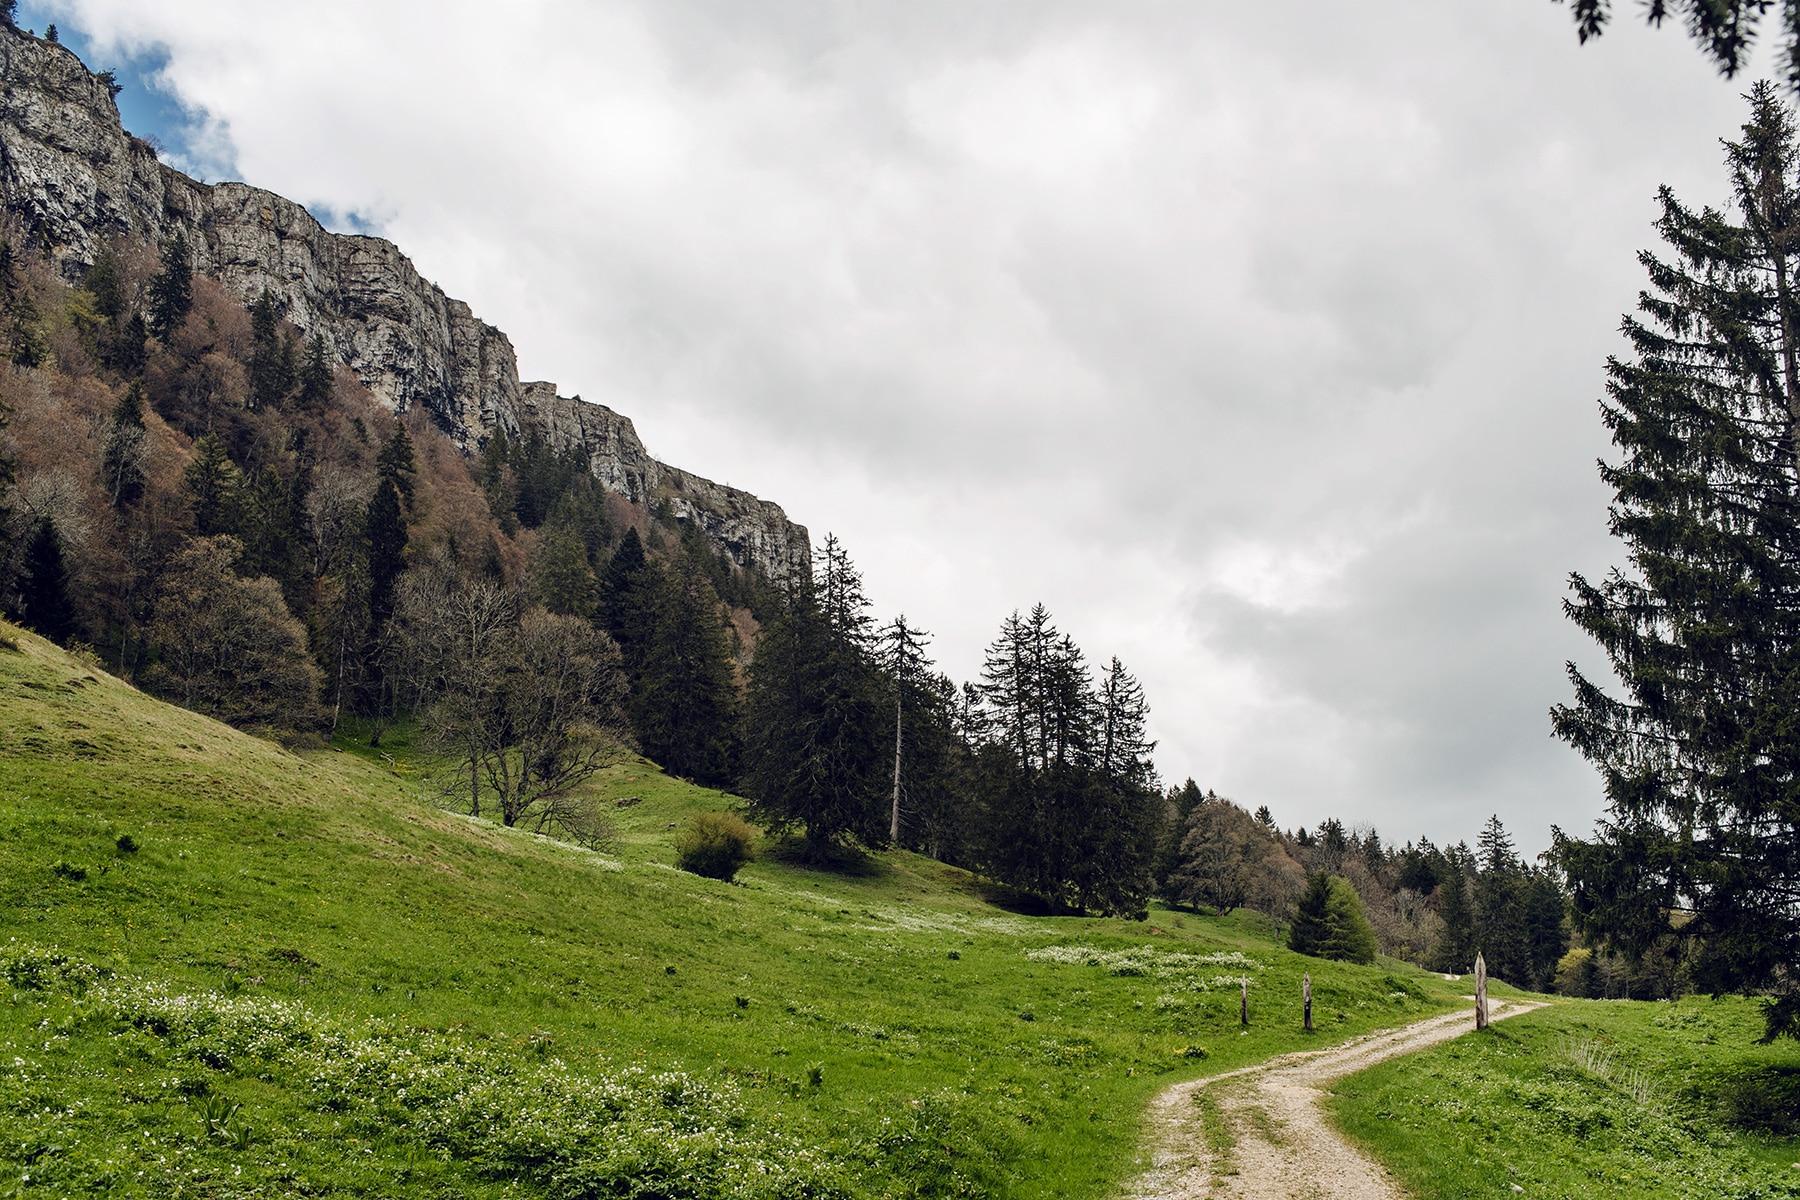 Randonnée au pied des falaises du Grenchenberg